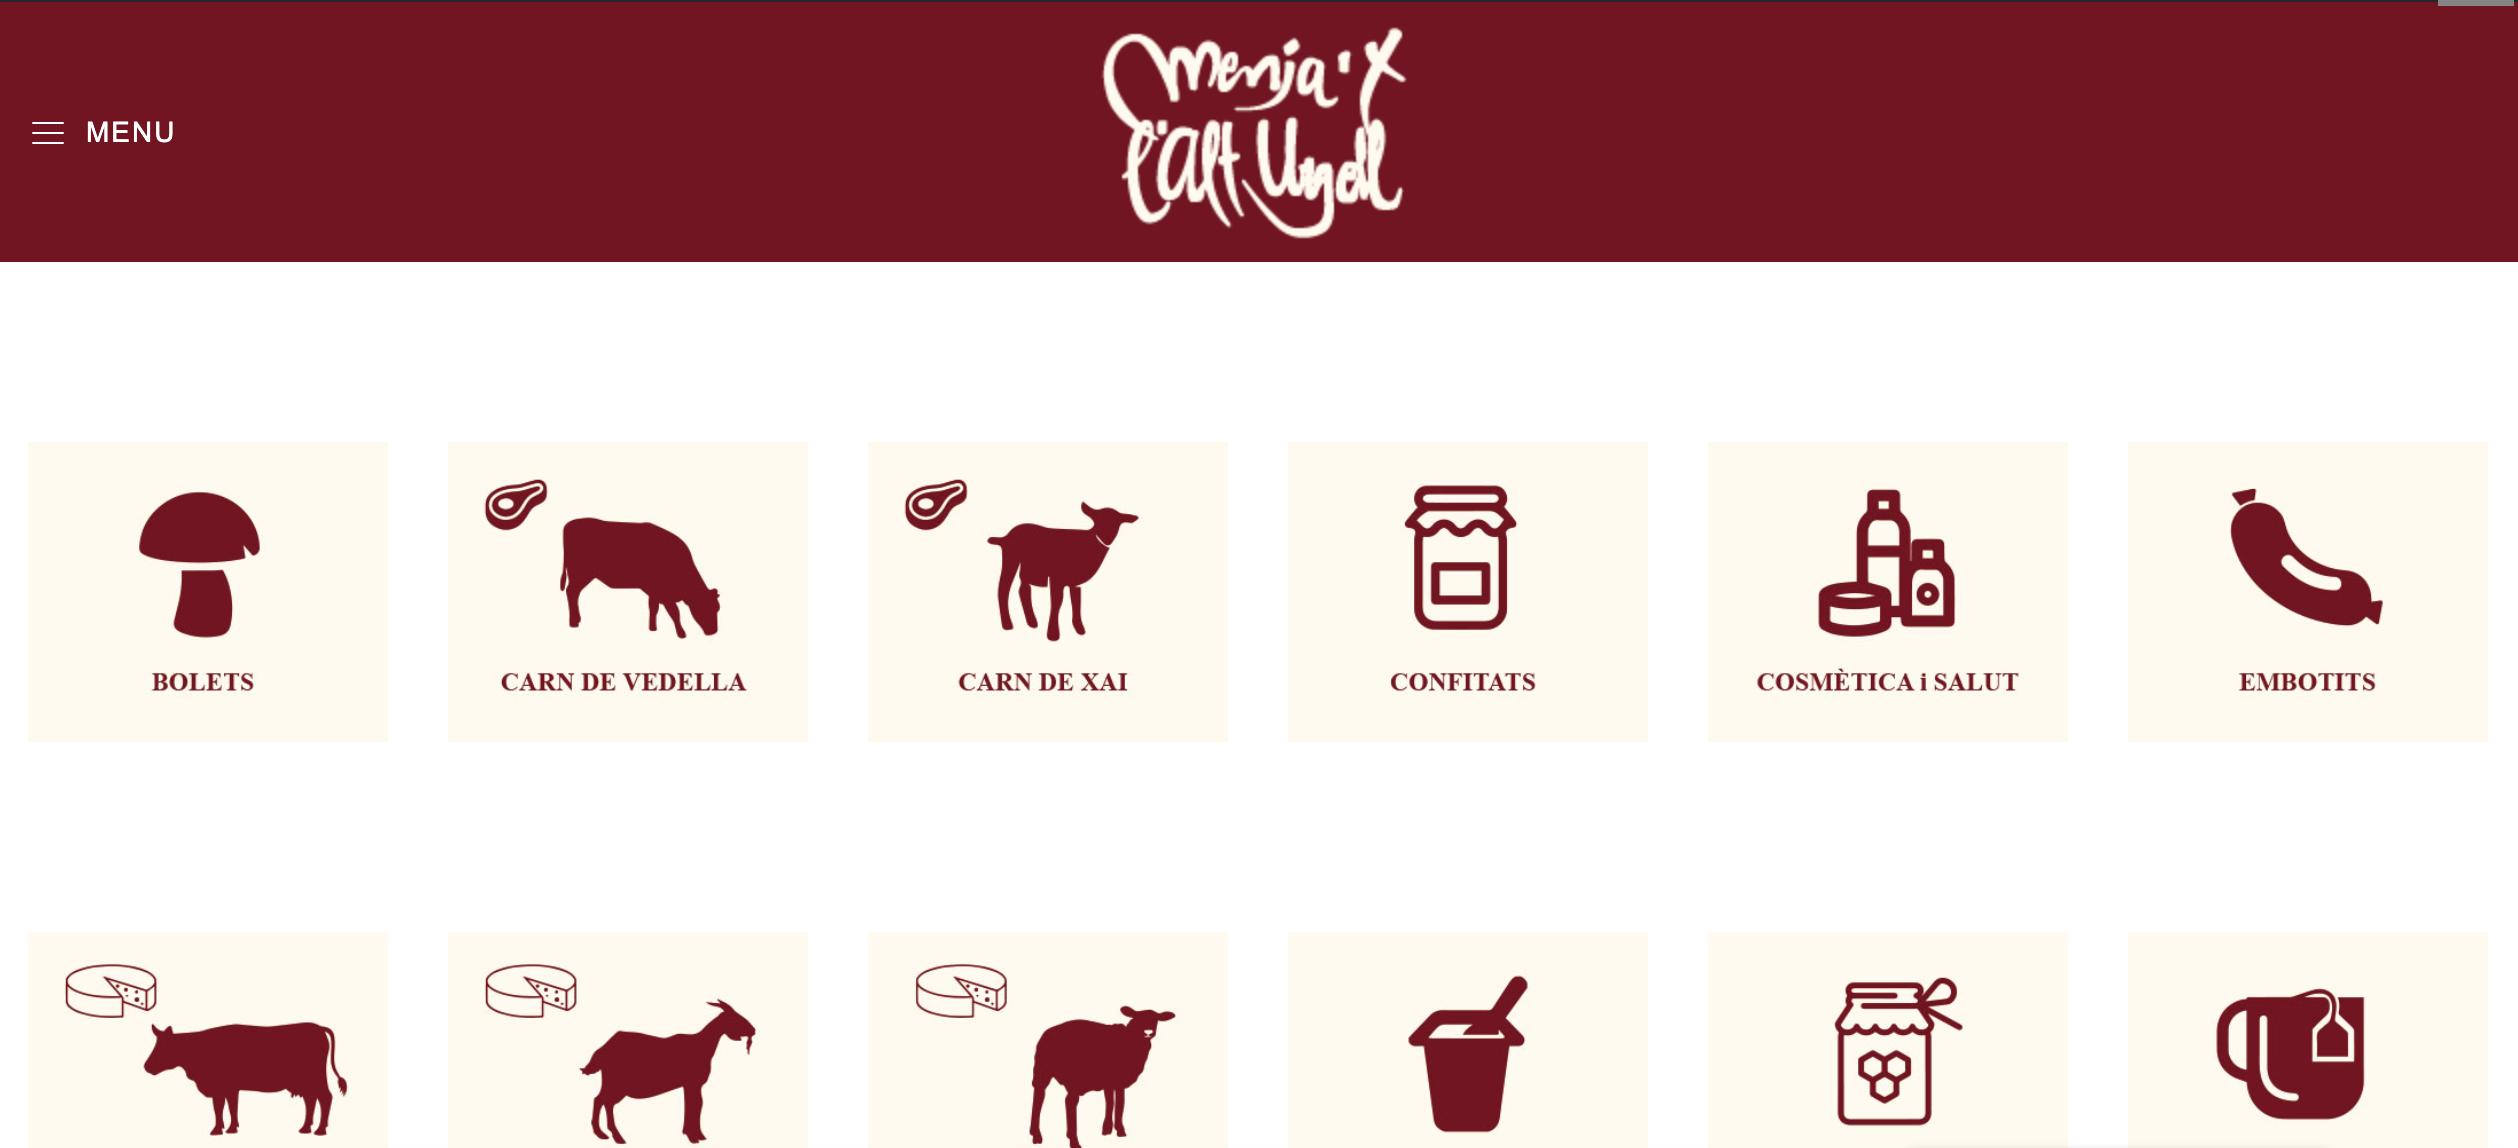 Pàgina principal de la botiga en línia